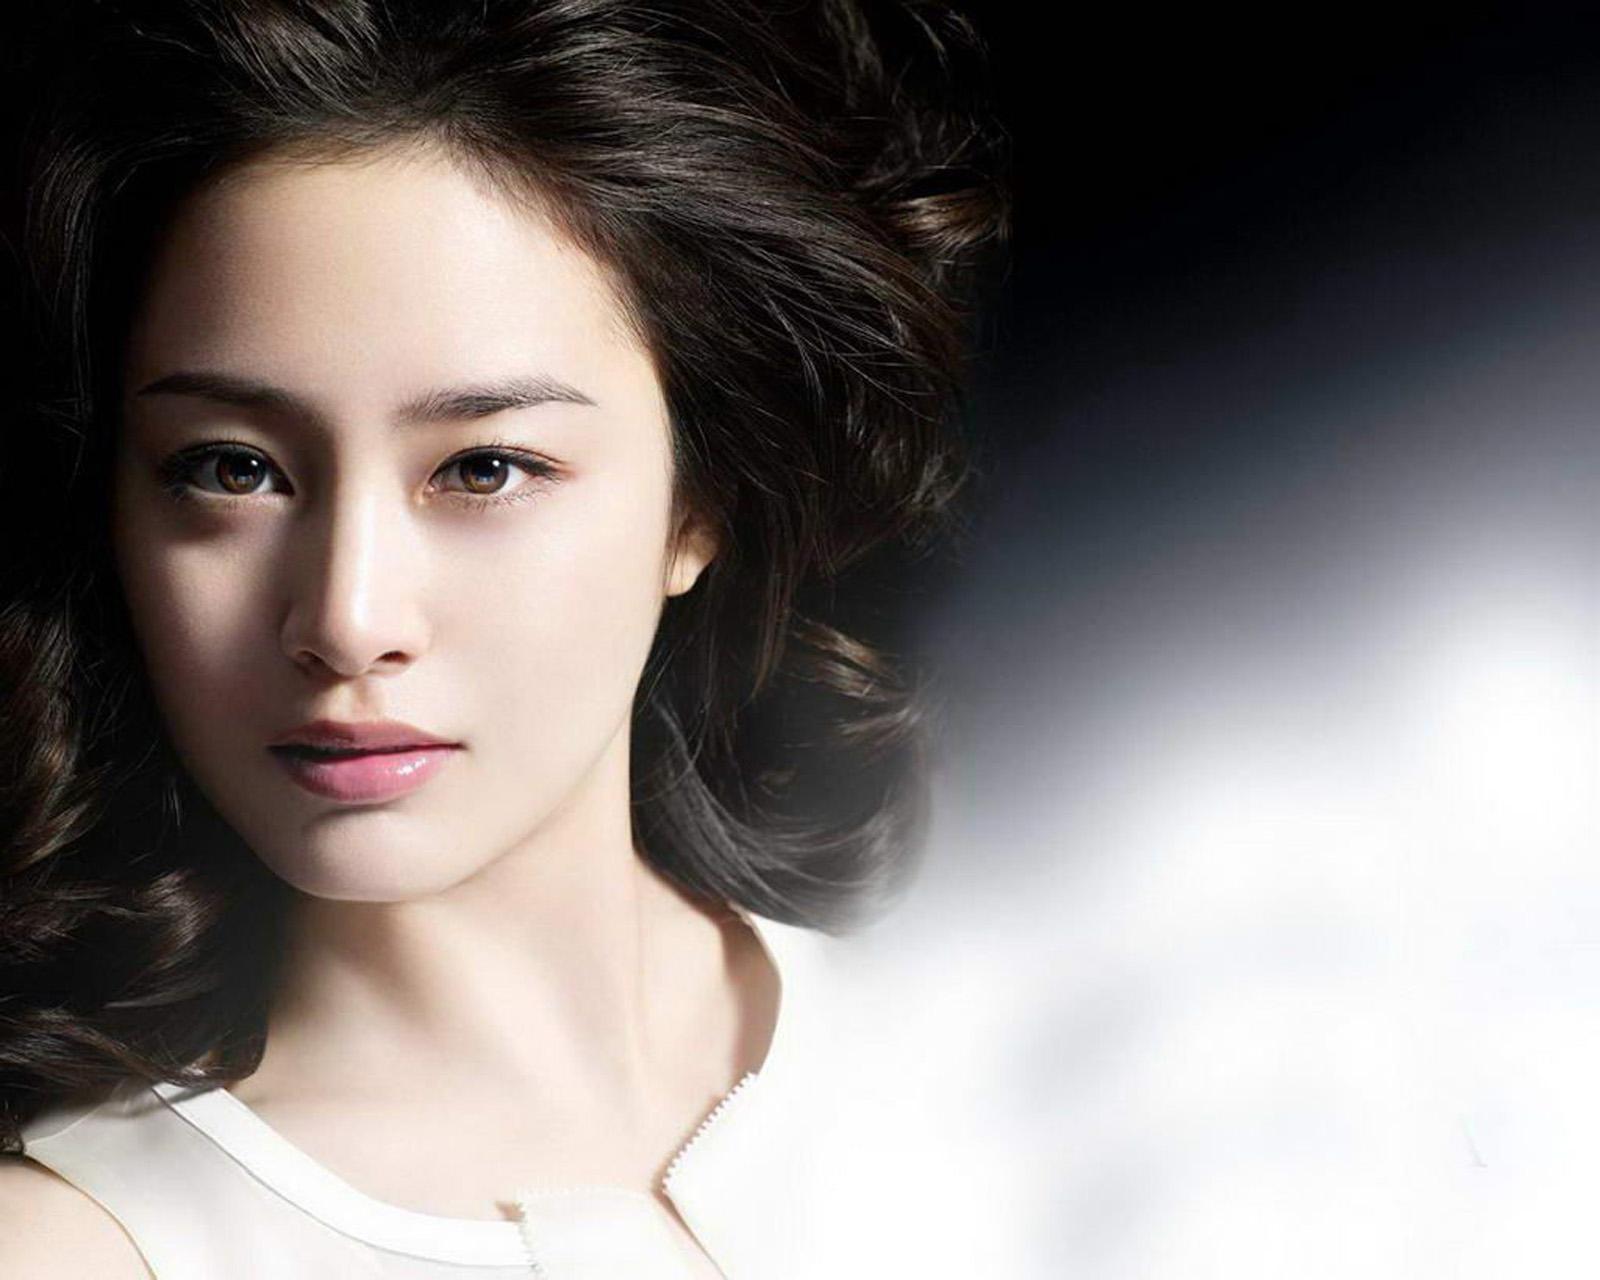 2018年韩国 排行榜_2018韩国化妆品排行榜 韩国最好用的化妆品